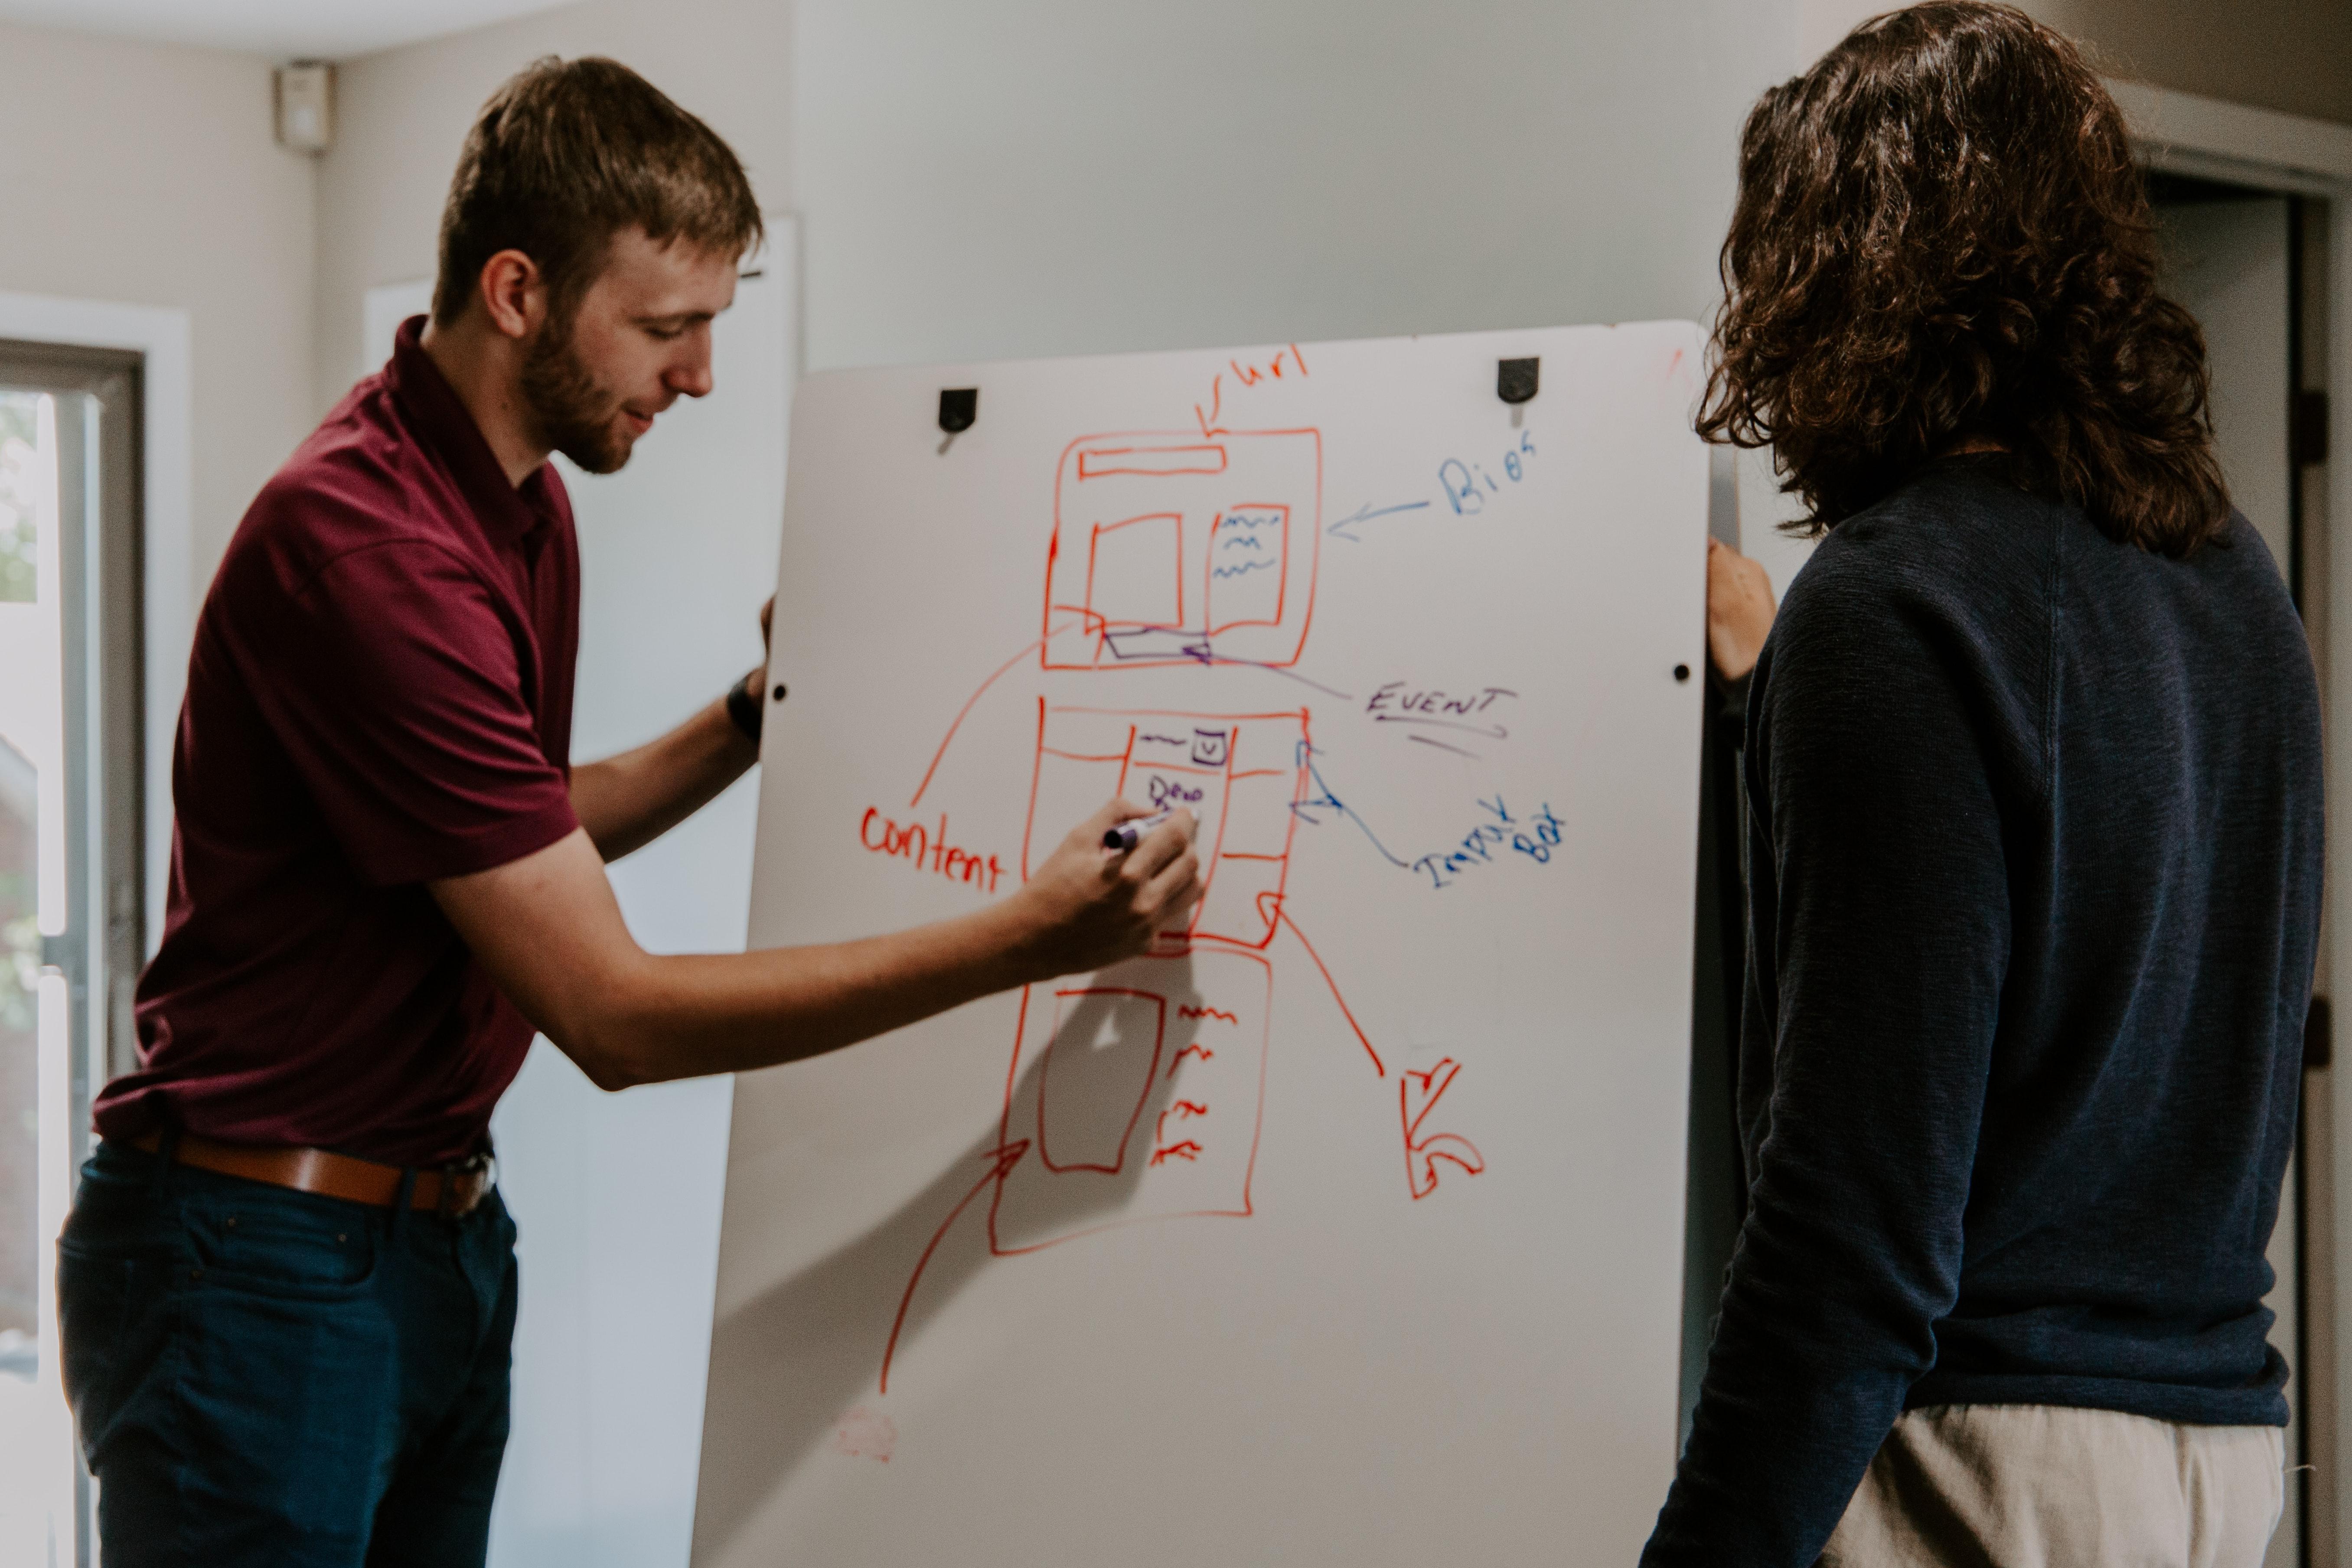 Conversation Design for Chatbots: Engage, Inform, Captivate